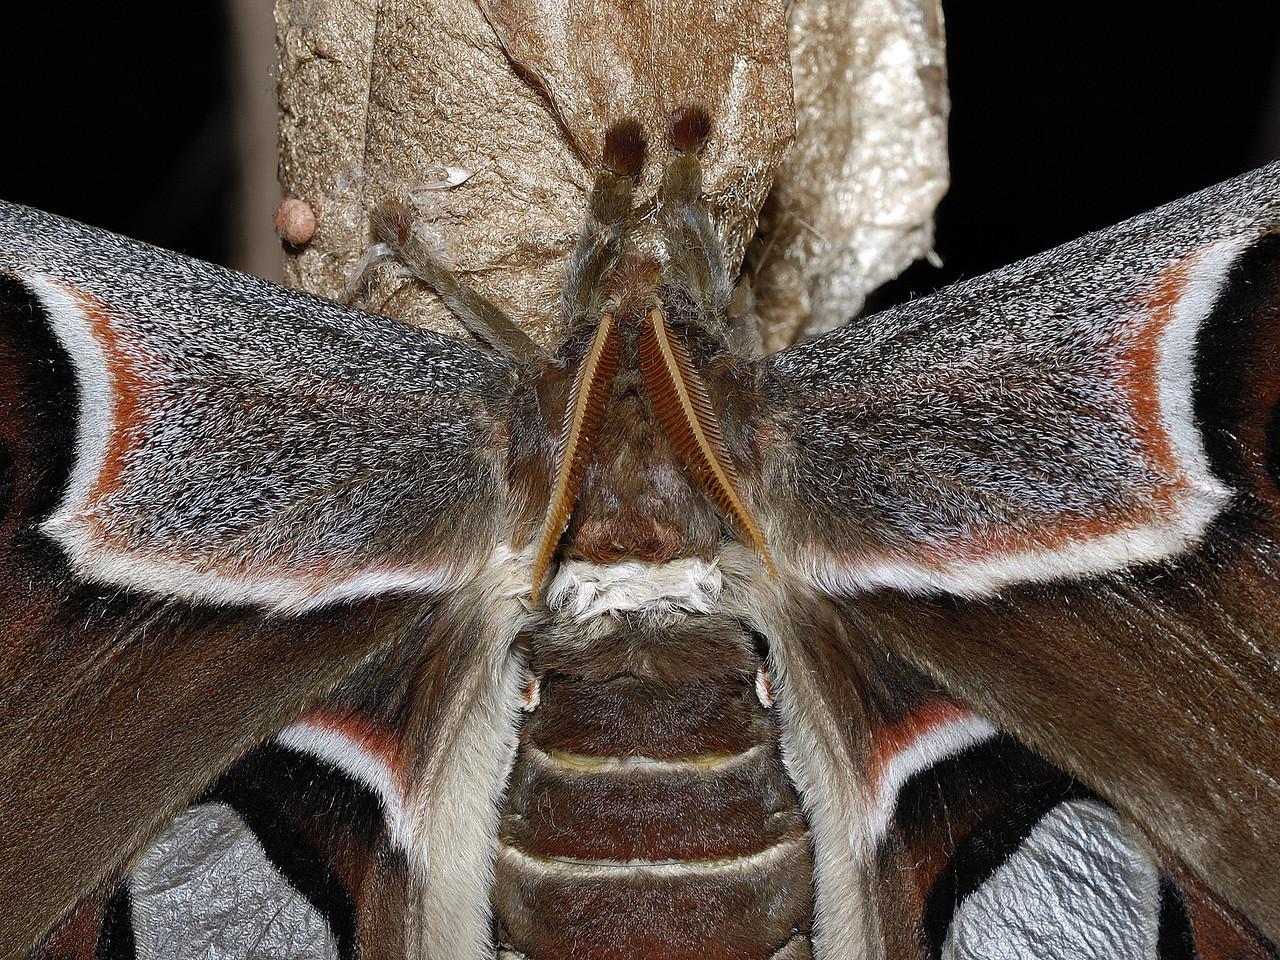 Jardin Botanique de Montréal, Montréal, Qc, Canada: Papillon cobra ( Attacus atlas ) en gros-plan / Atlas moth ( Attacus atlas ) , details of the head and body.